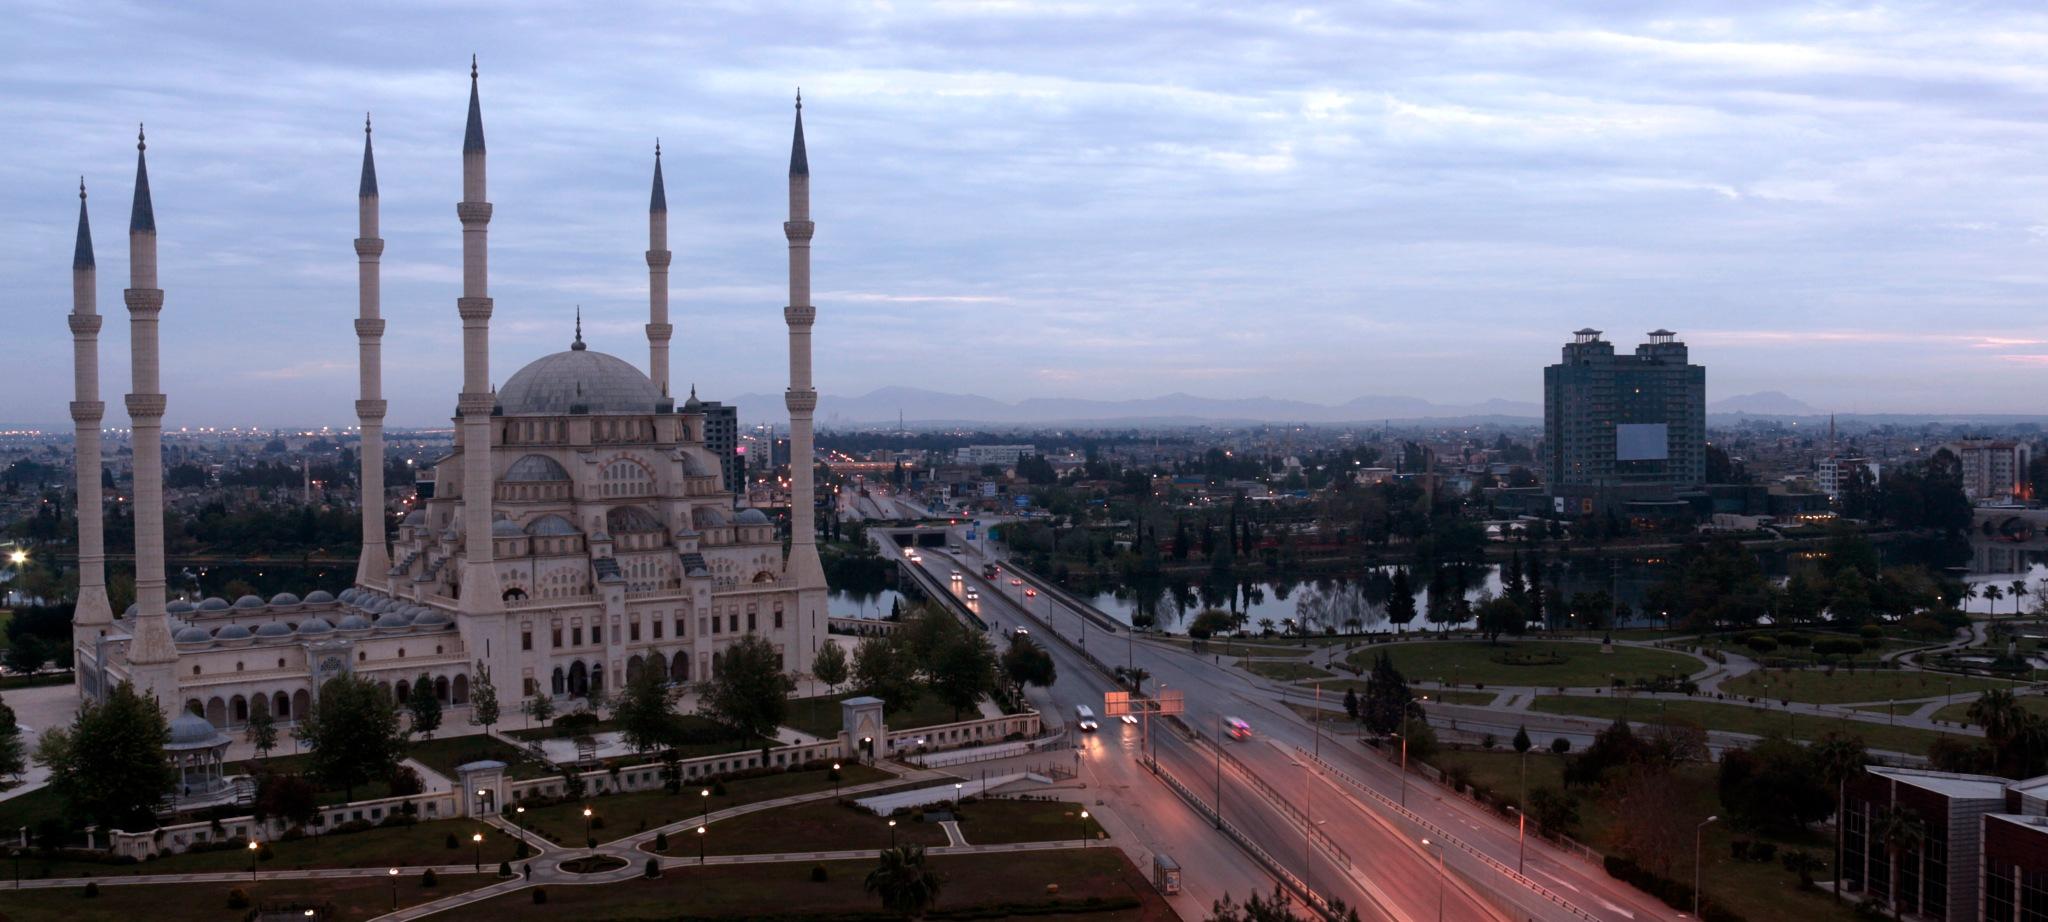 Bir Sabah Adana by meryem.g.ozkaya